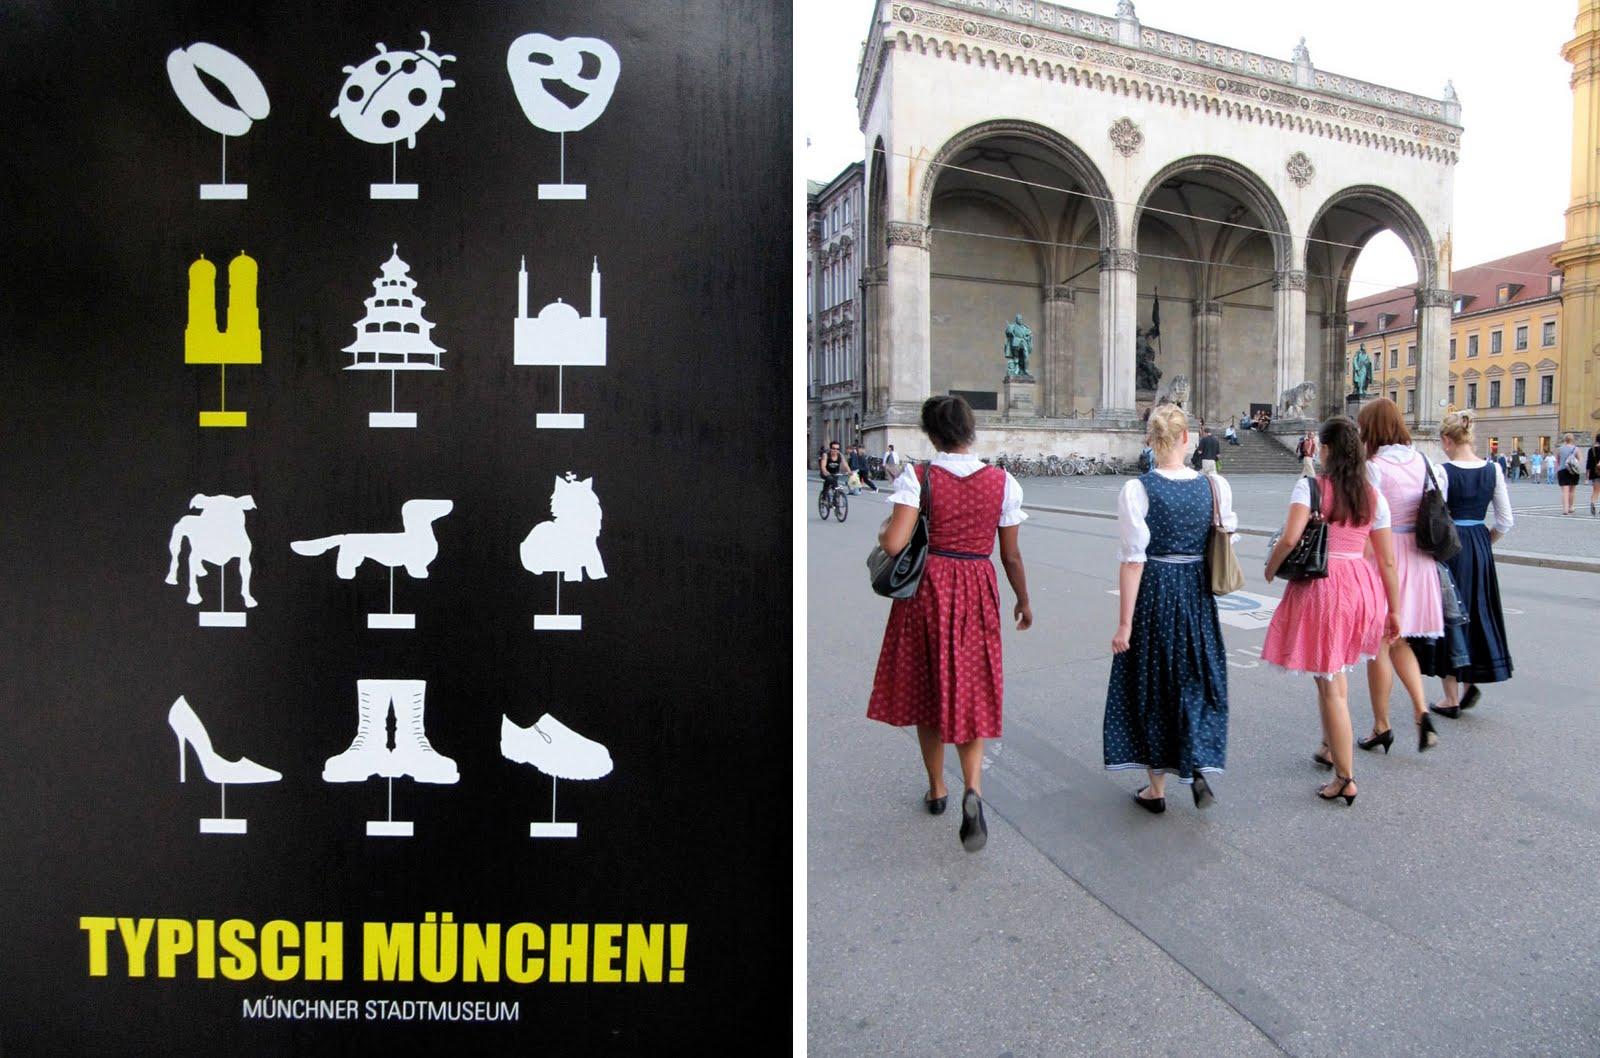 Typisch München